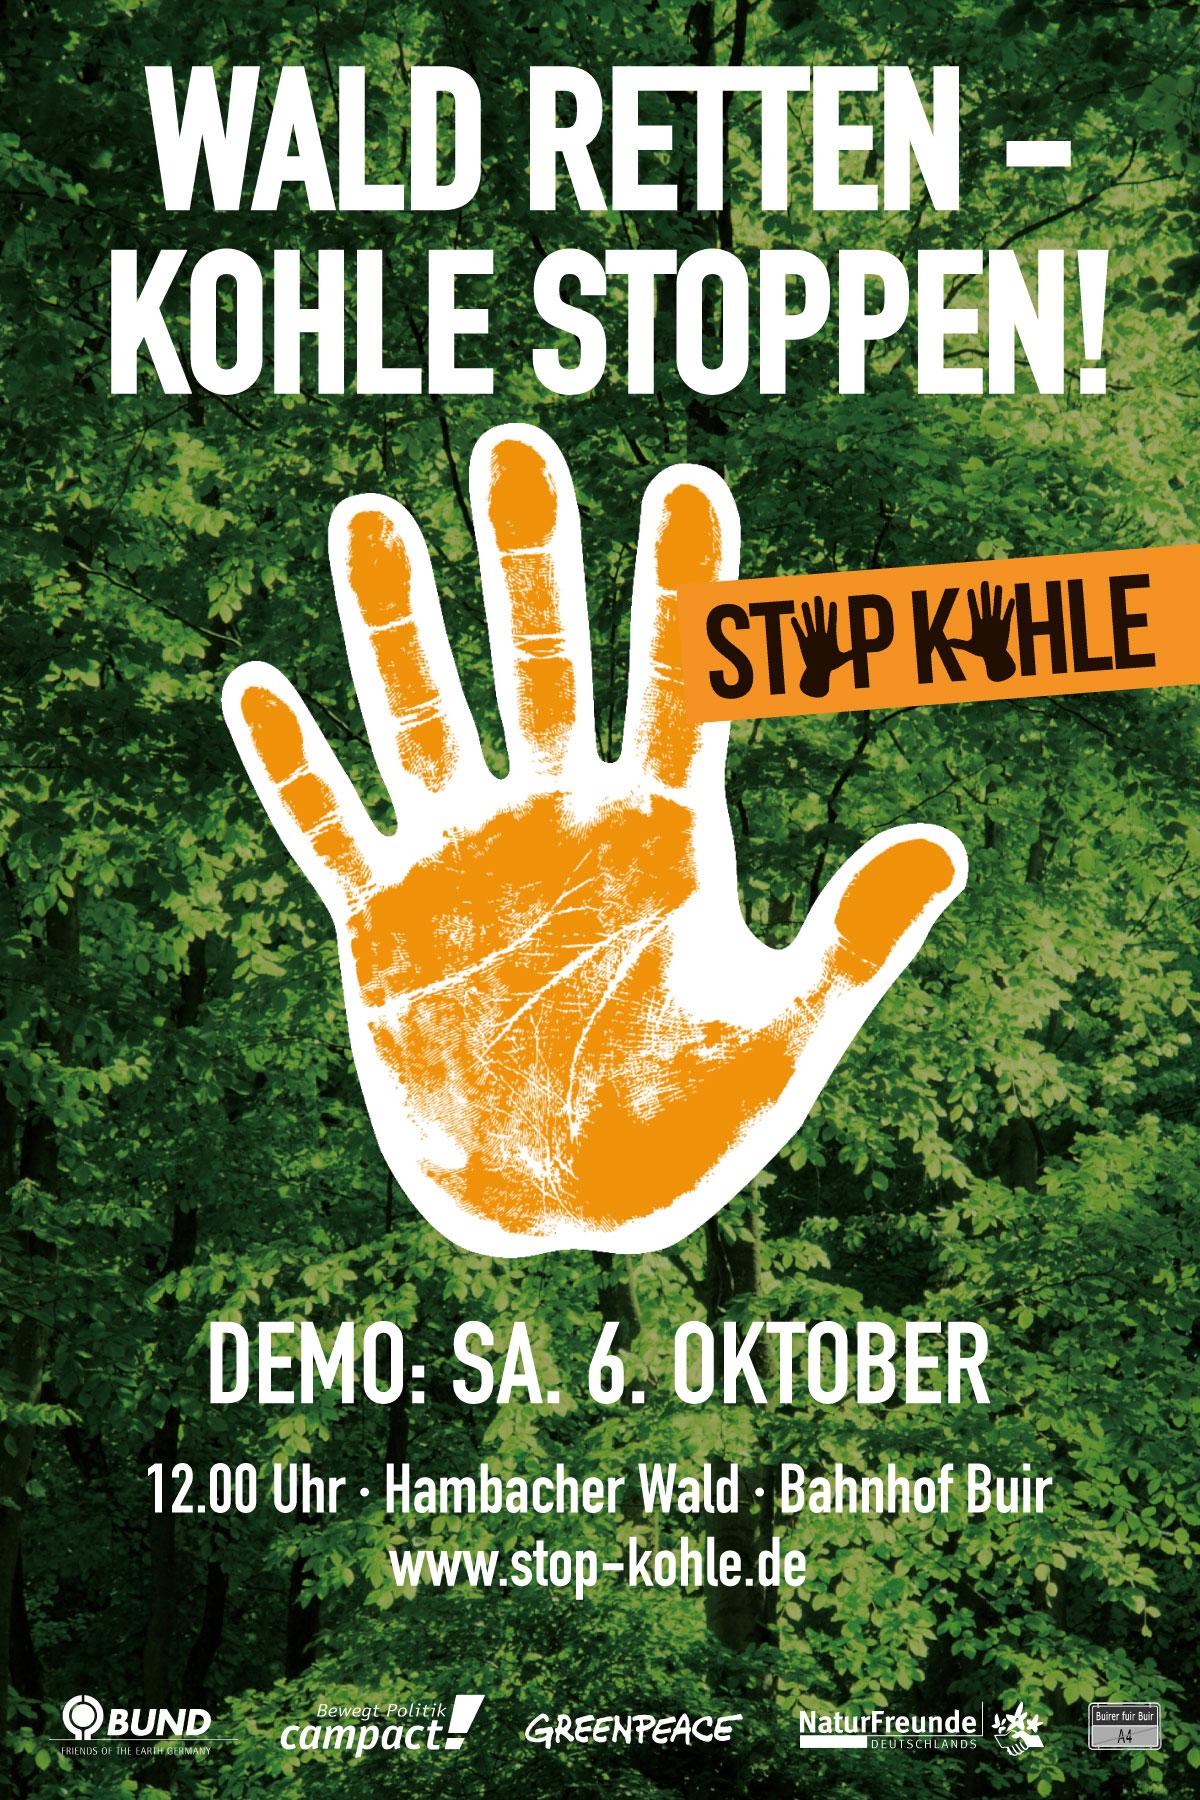 www.stop-kohle.de/